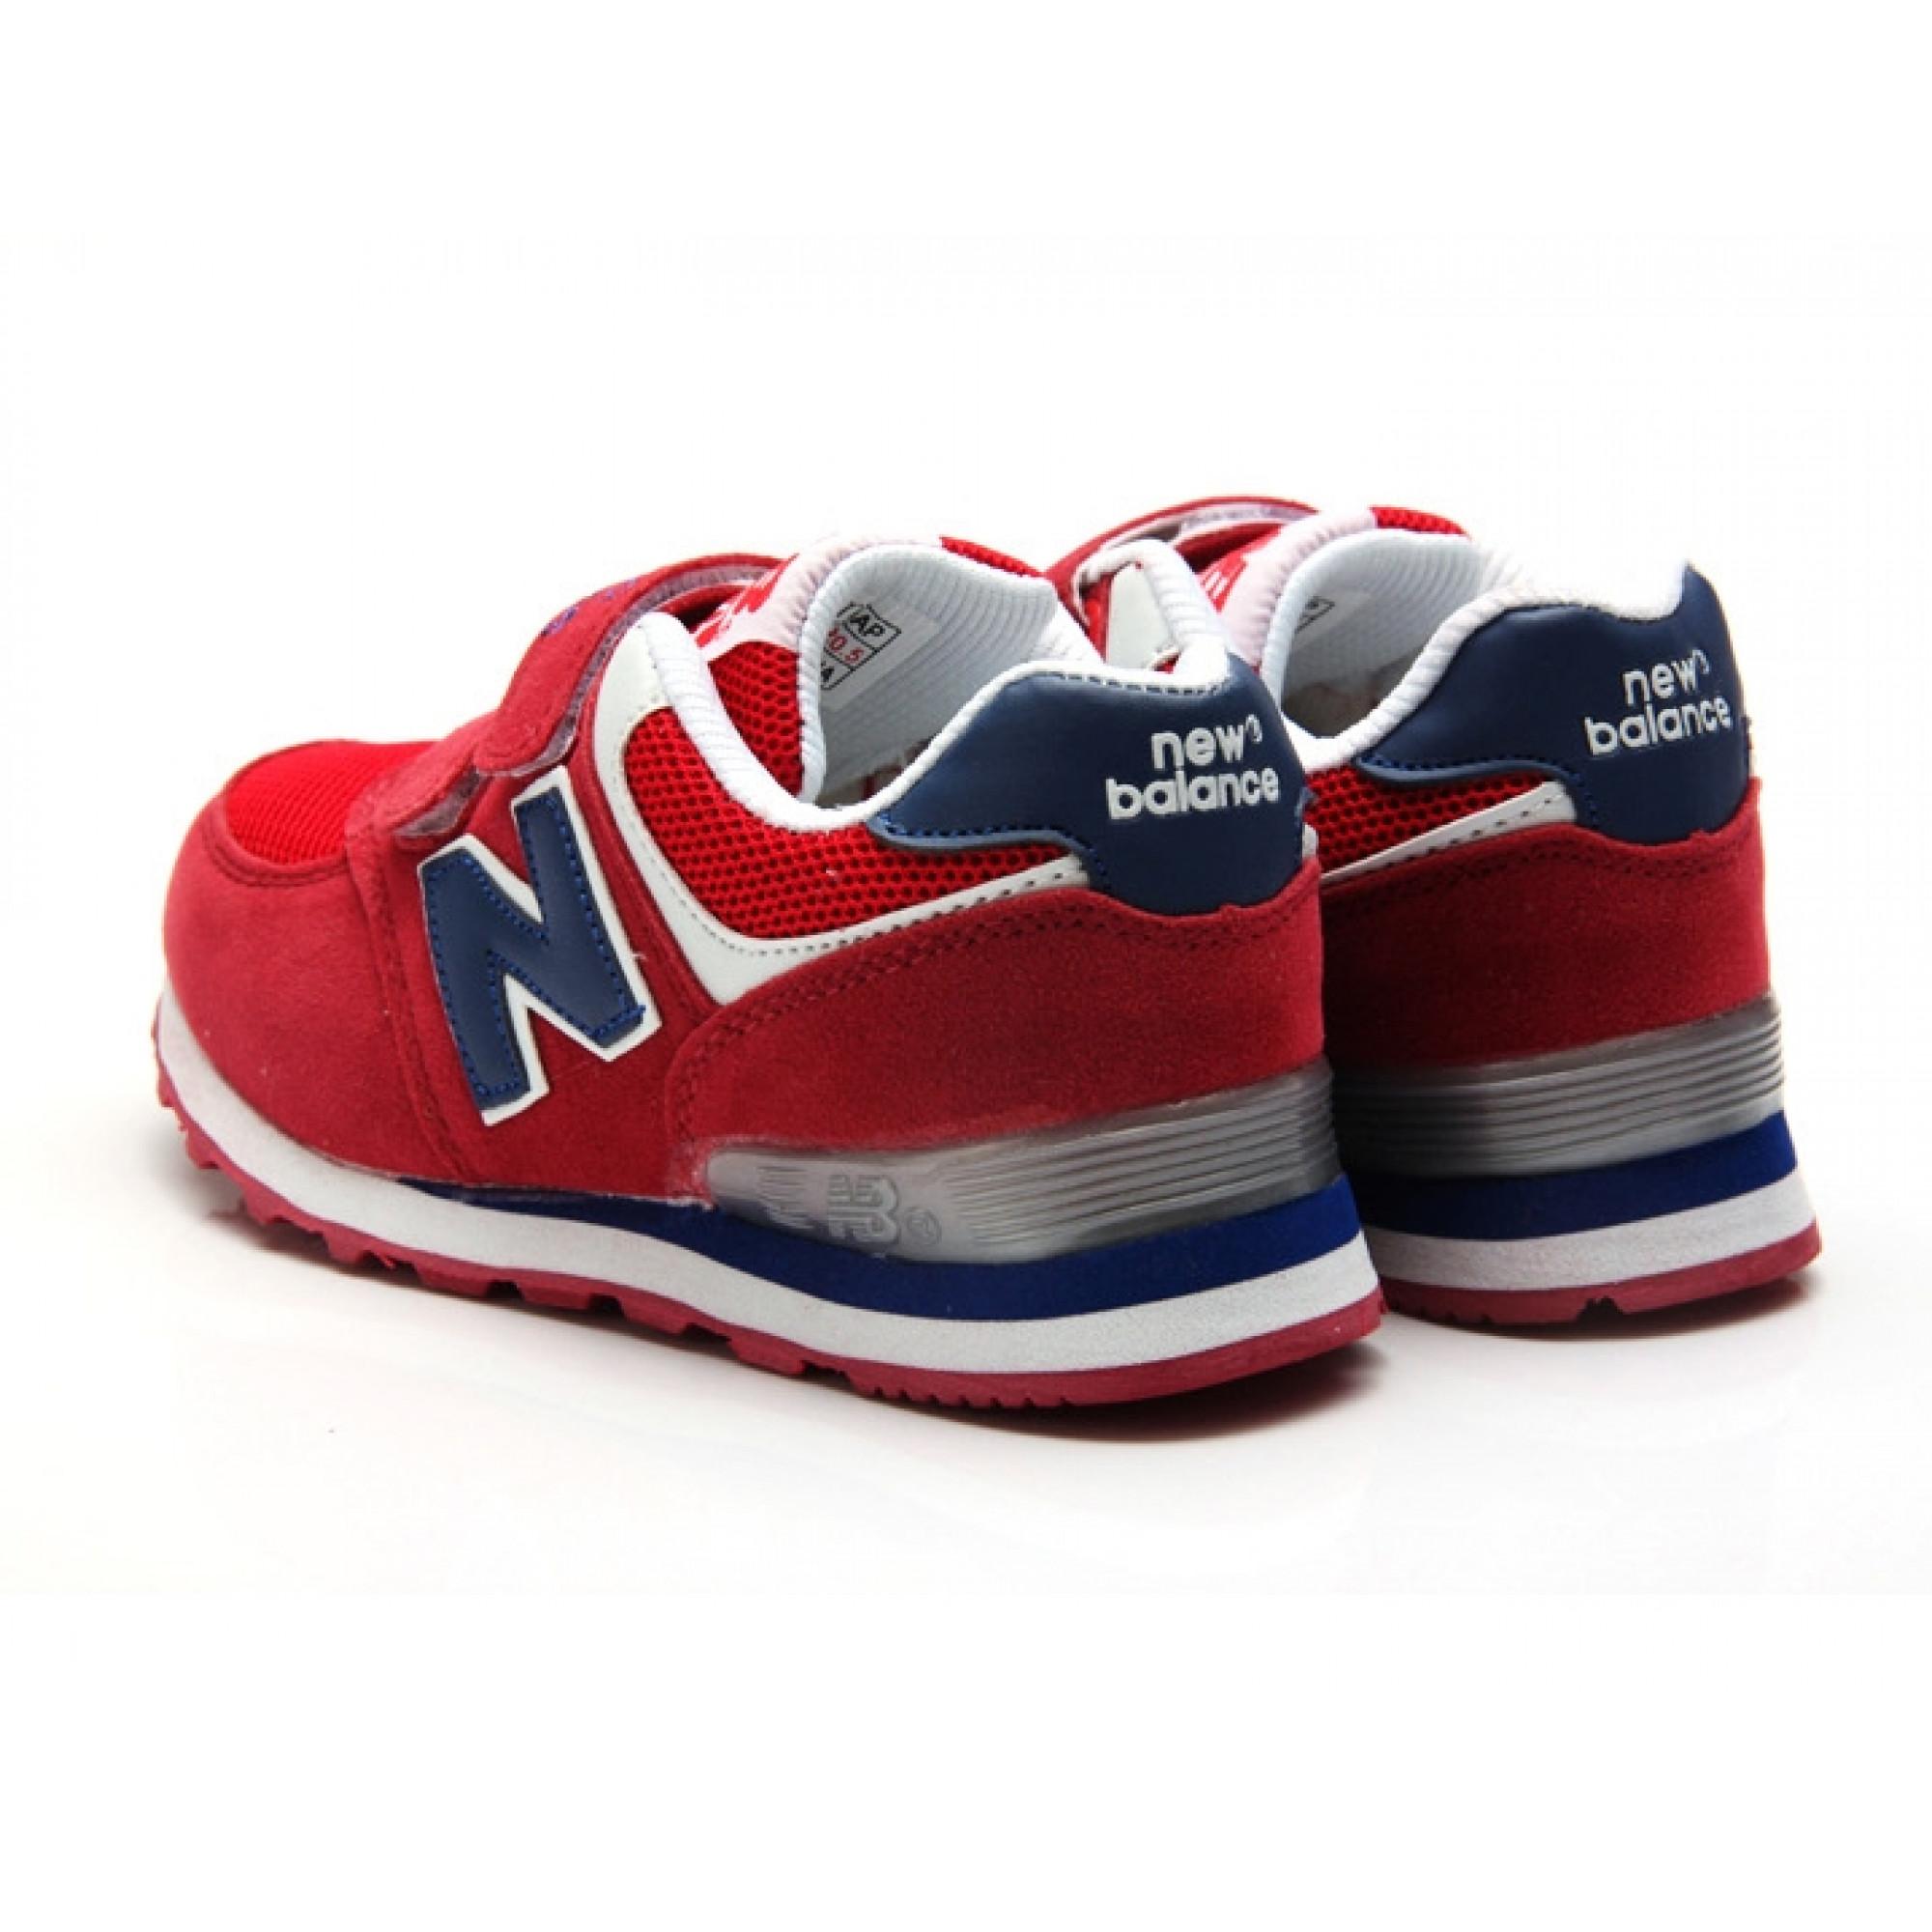 b2a74cc0 Купить детские красные кроссовки от New Balance — в Киеве, код ...